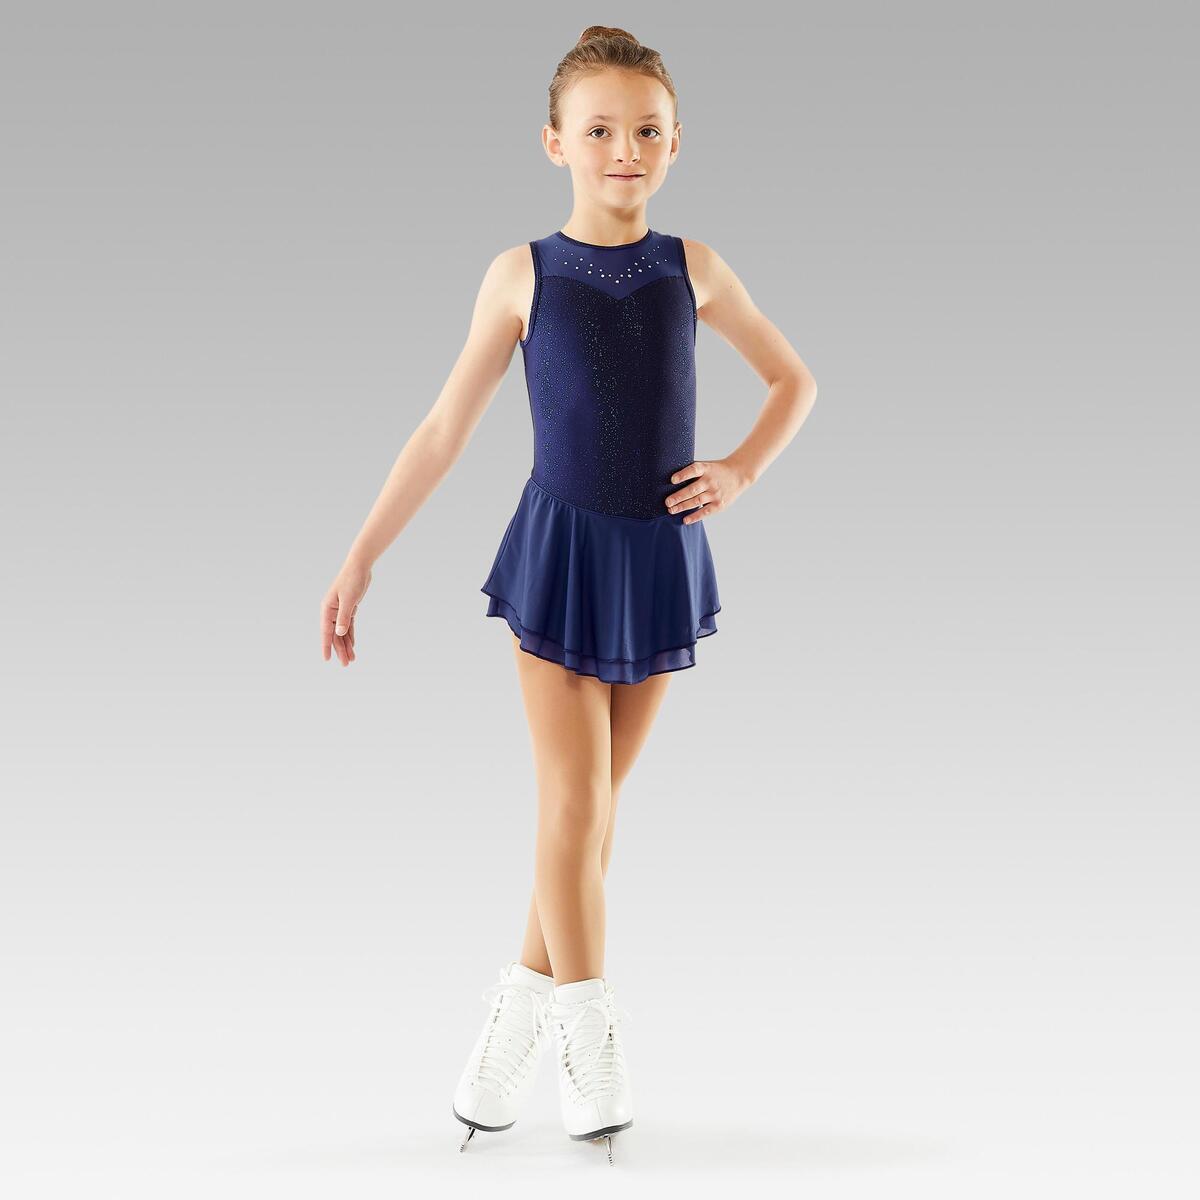 Bild 3 von Eiskunstlaufkleid Kinder nachtblau